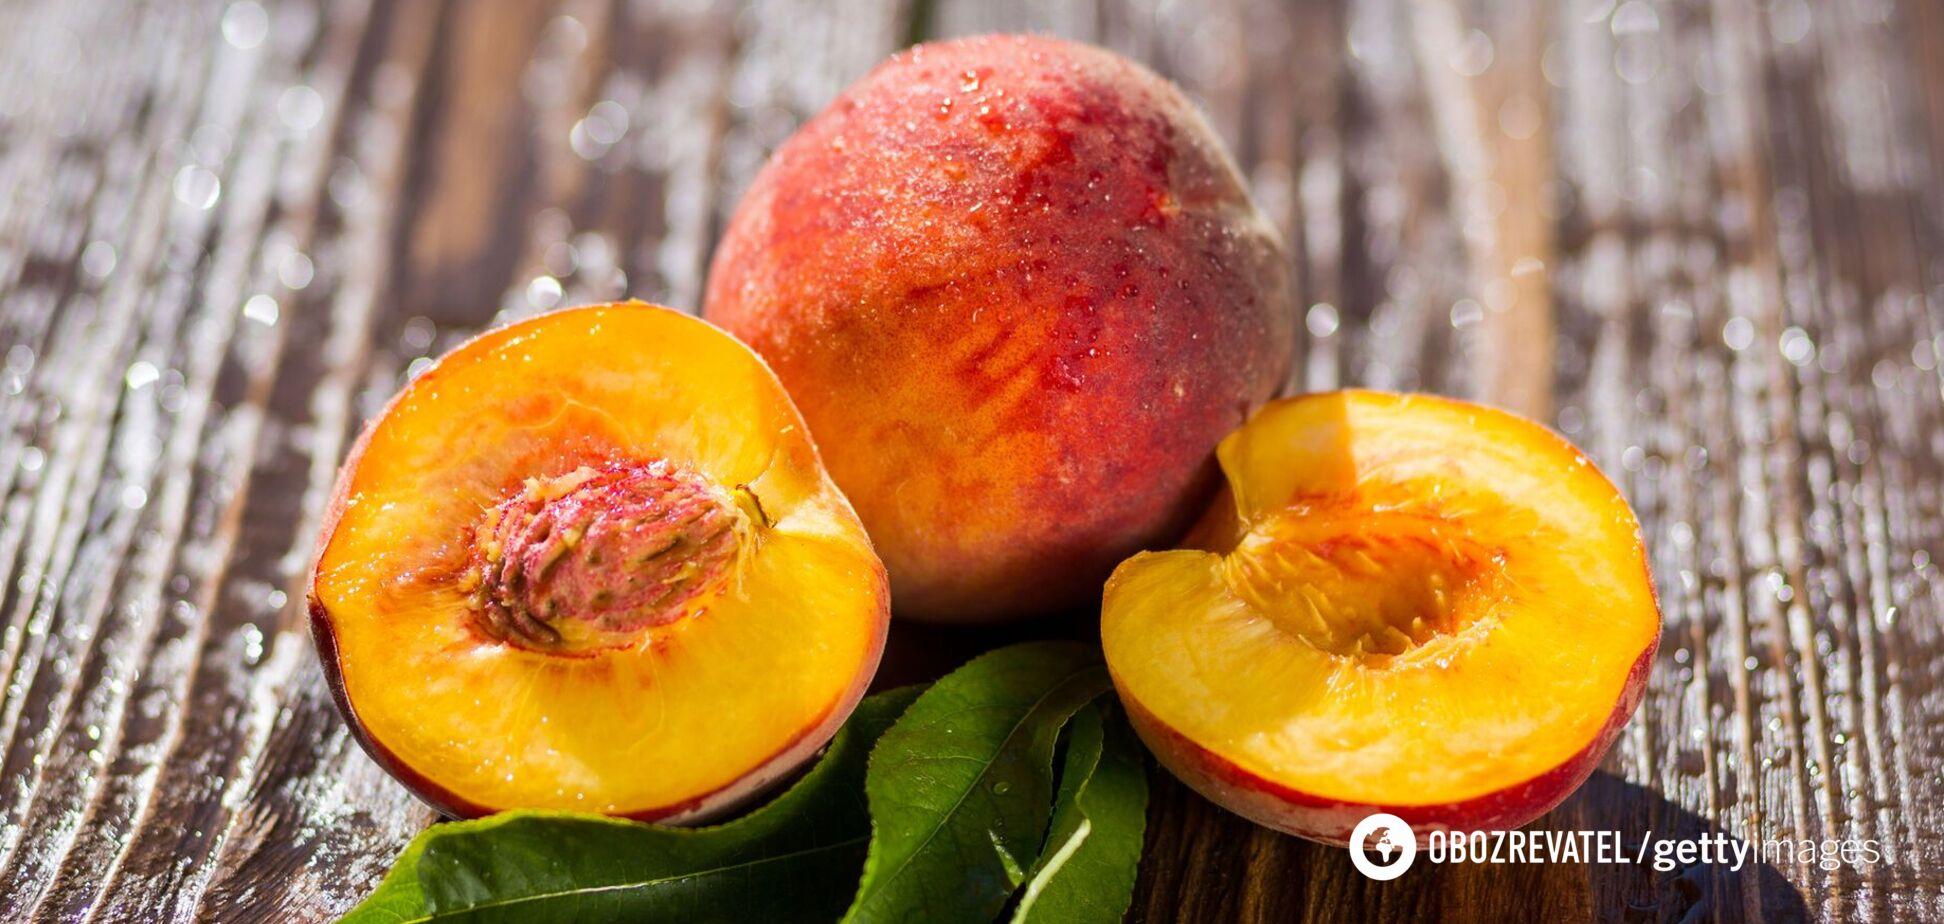 Персики сприяють поліпшенню стану шкіри